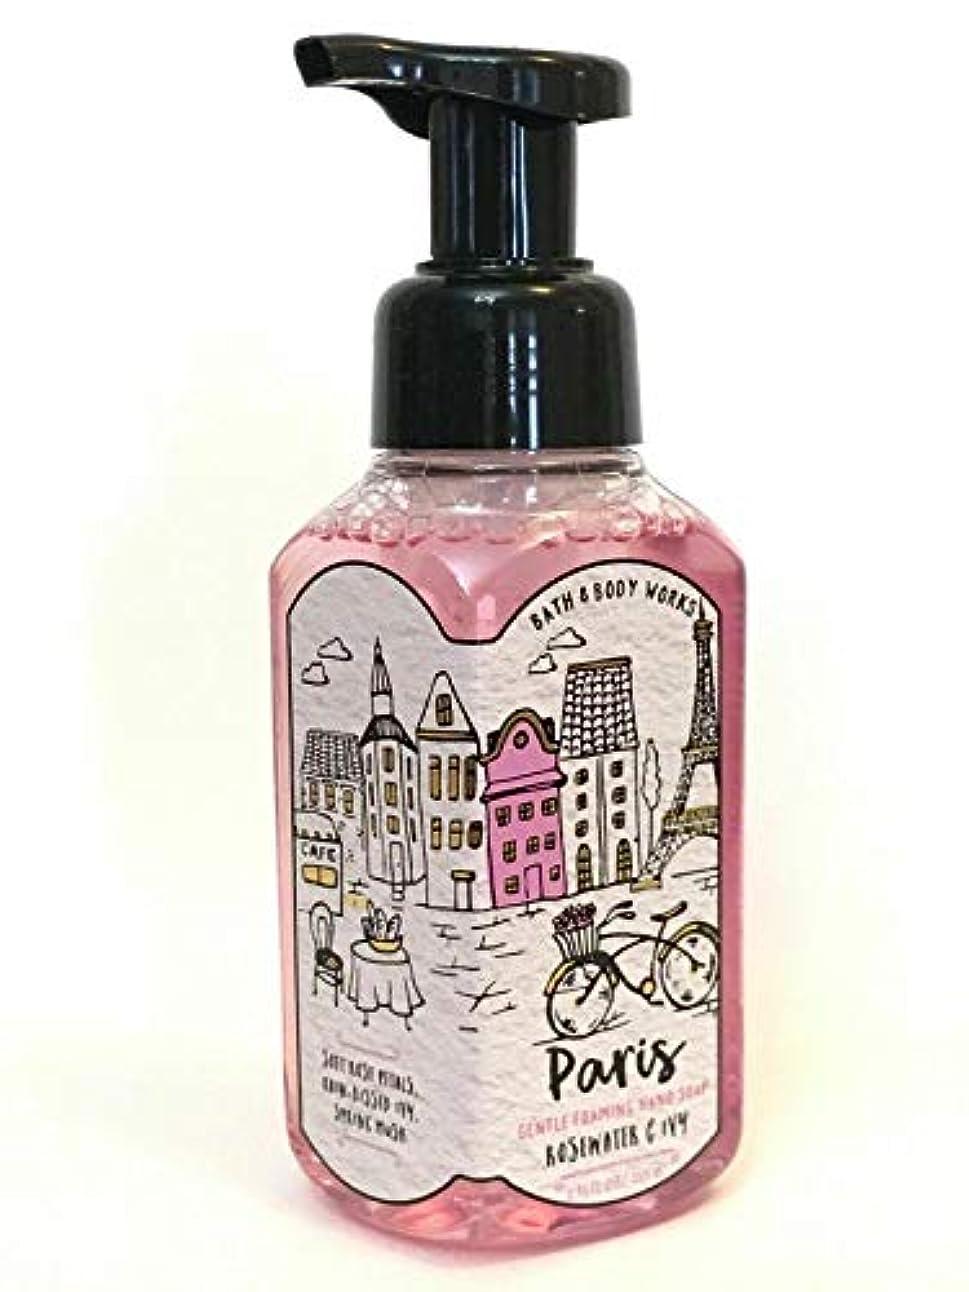 師匠プロテスタント陰気バス&ボディワークス パリス ローズウォーター&アイビー ジェントル フォーミング ハンドソープ Paris Rose Water & Ivy Gentle Foaming Hand Soap